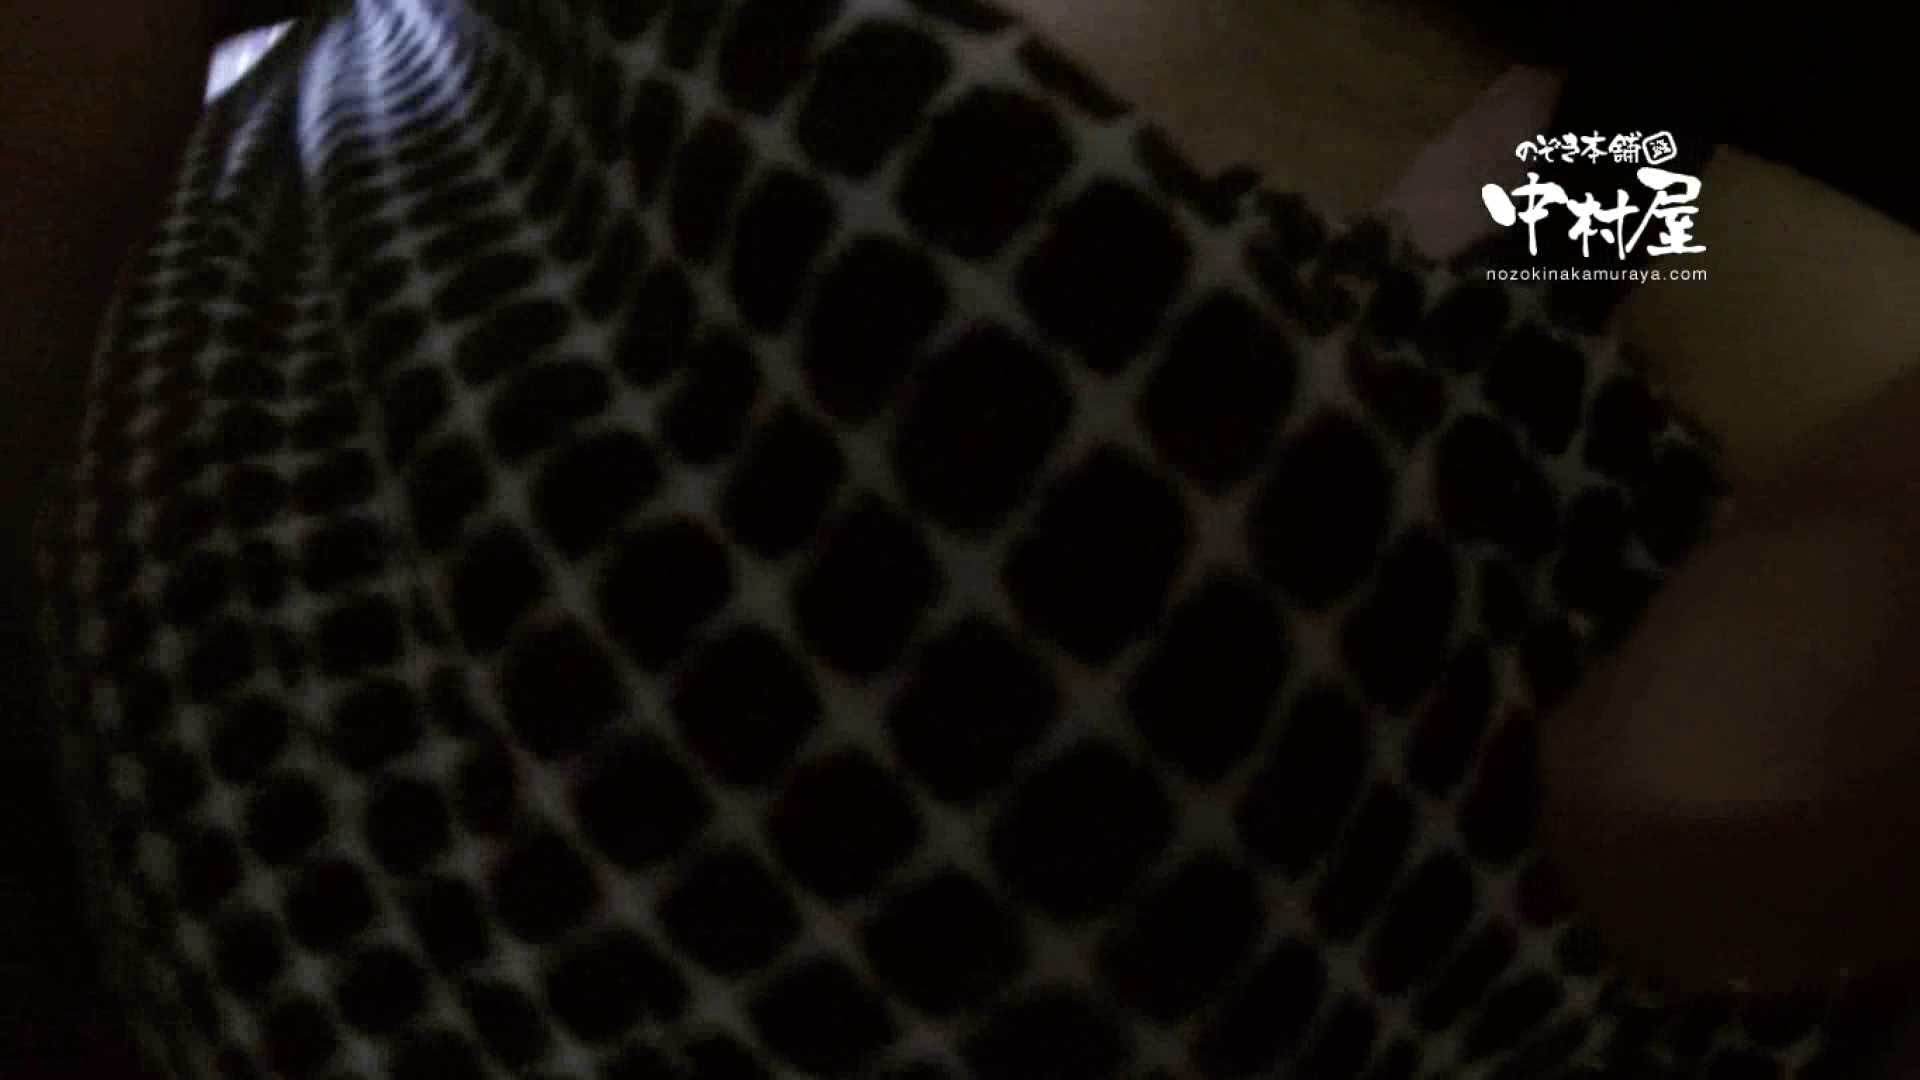 鬼畜 vol.09 無慈悲!中出し爆乳! 前編 OLのエロ生活 われめAV動画紹介 91連発 14